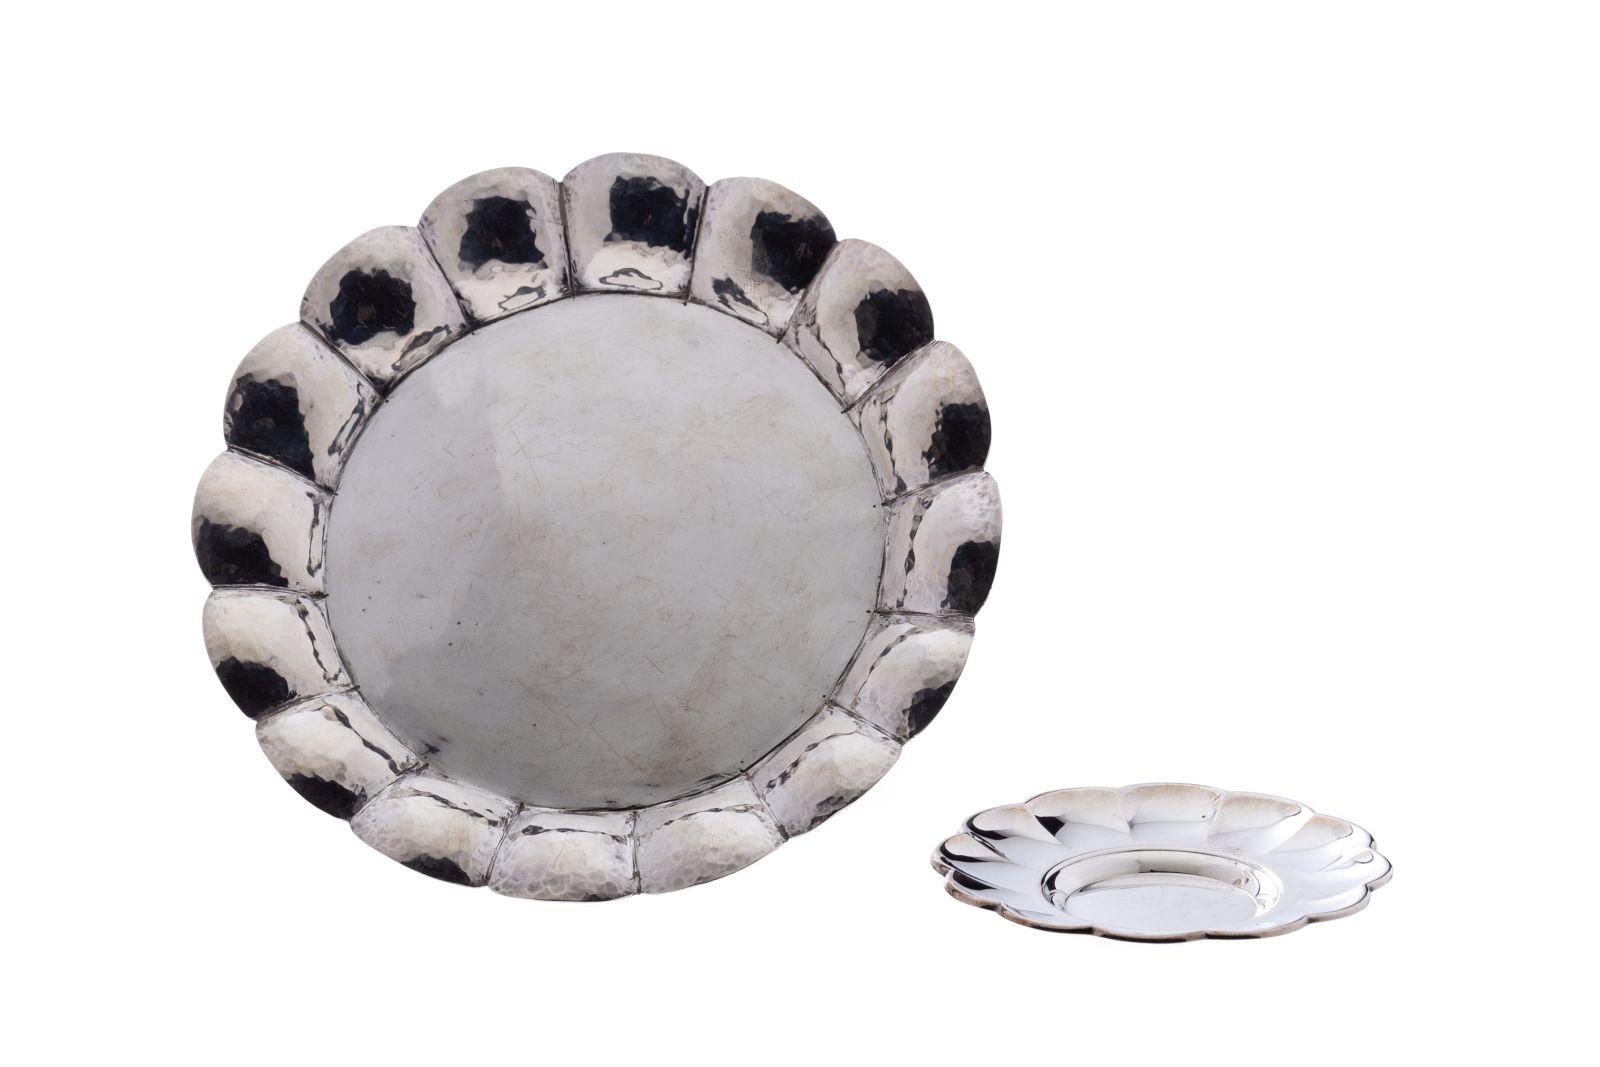 #87 Small silver plate | Kleine Silberteller Image